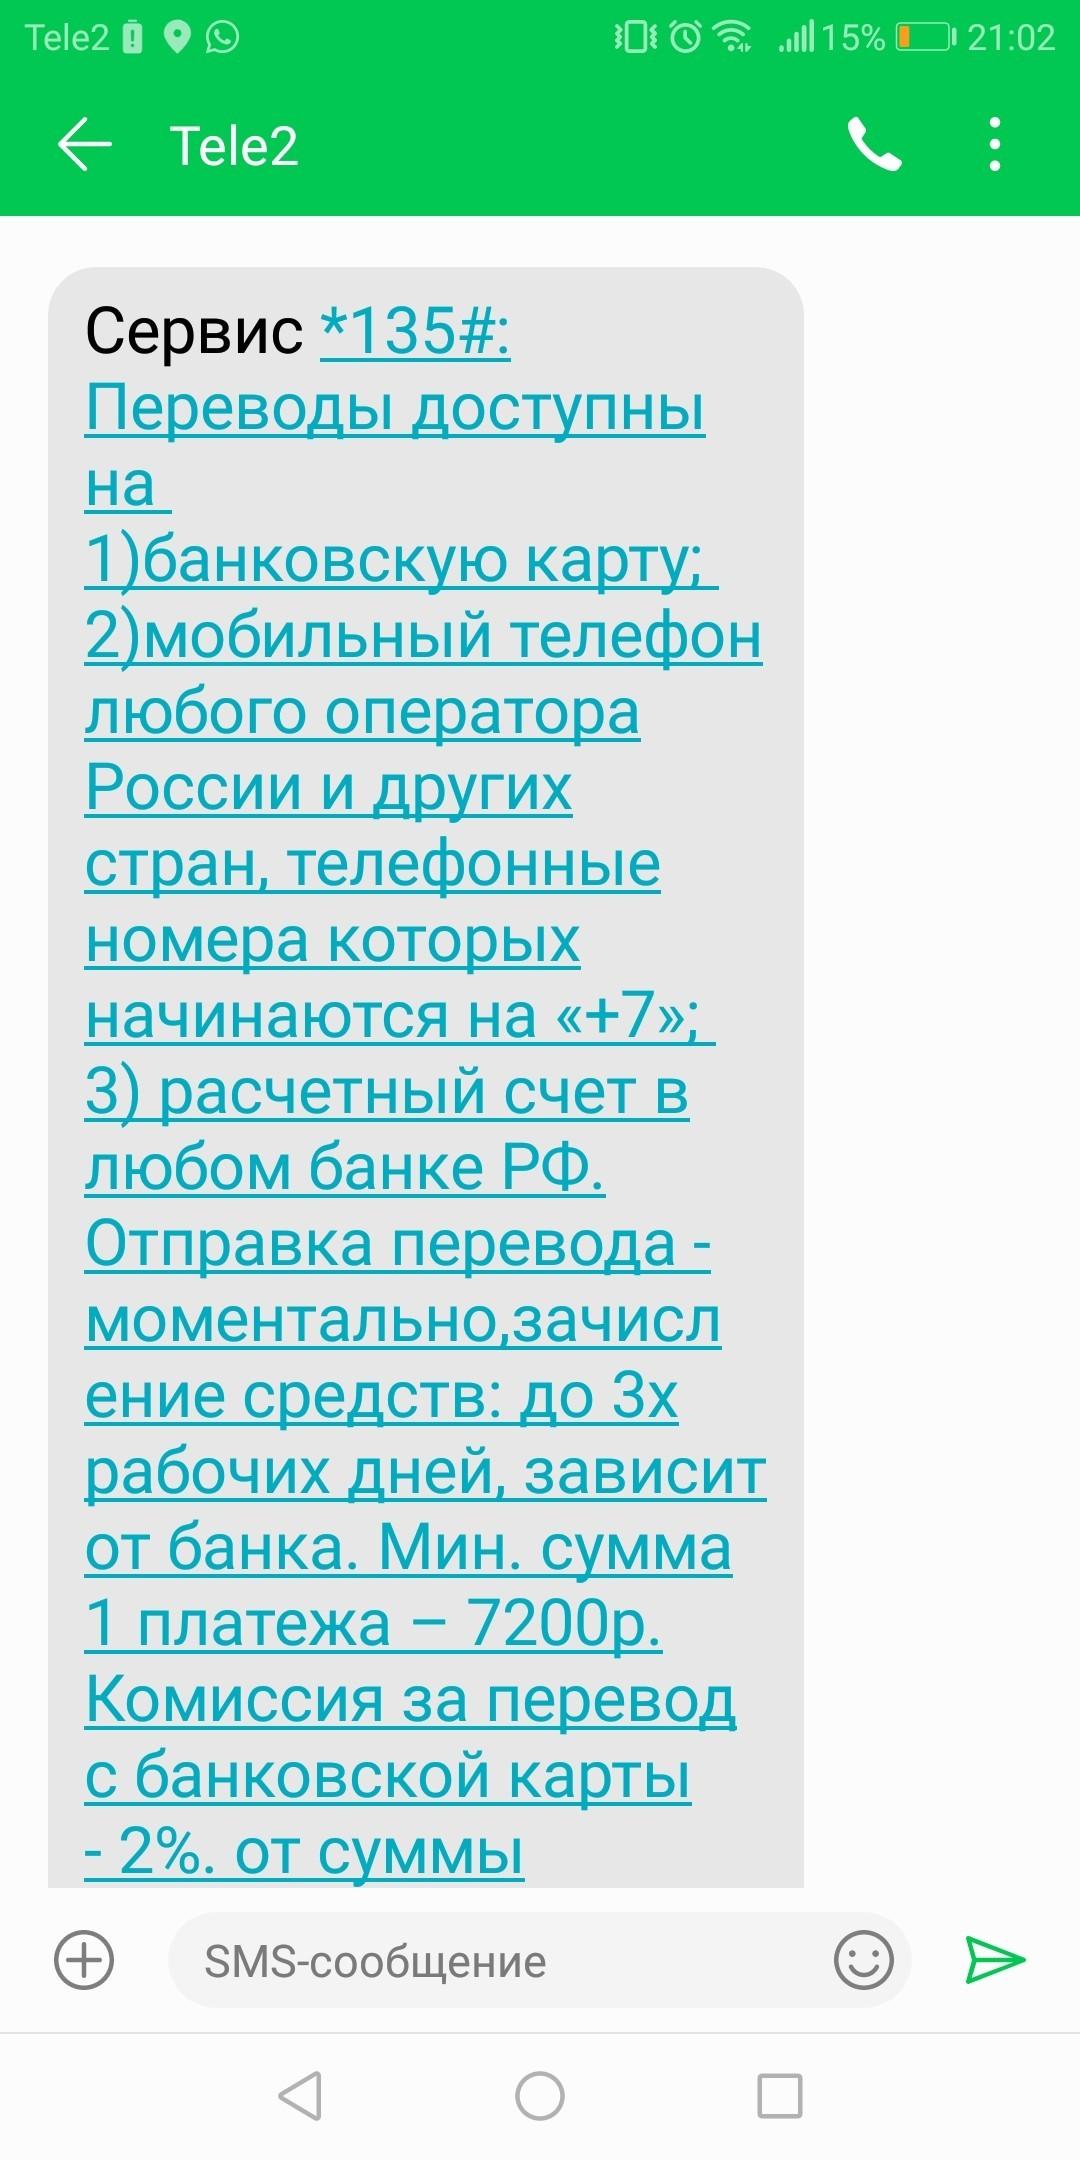 реквизиты сбербанка г москва бик 044525225